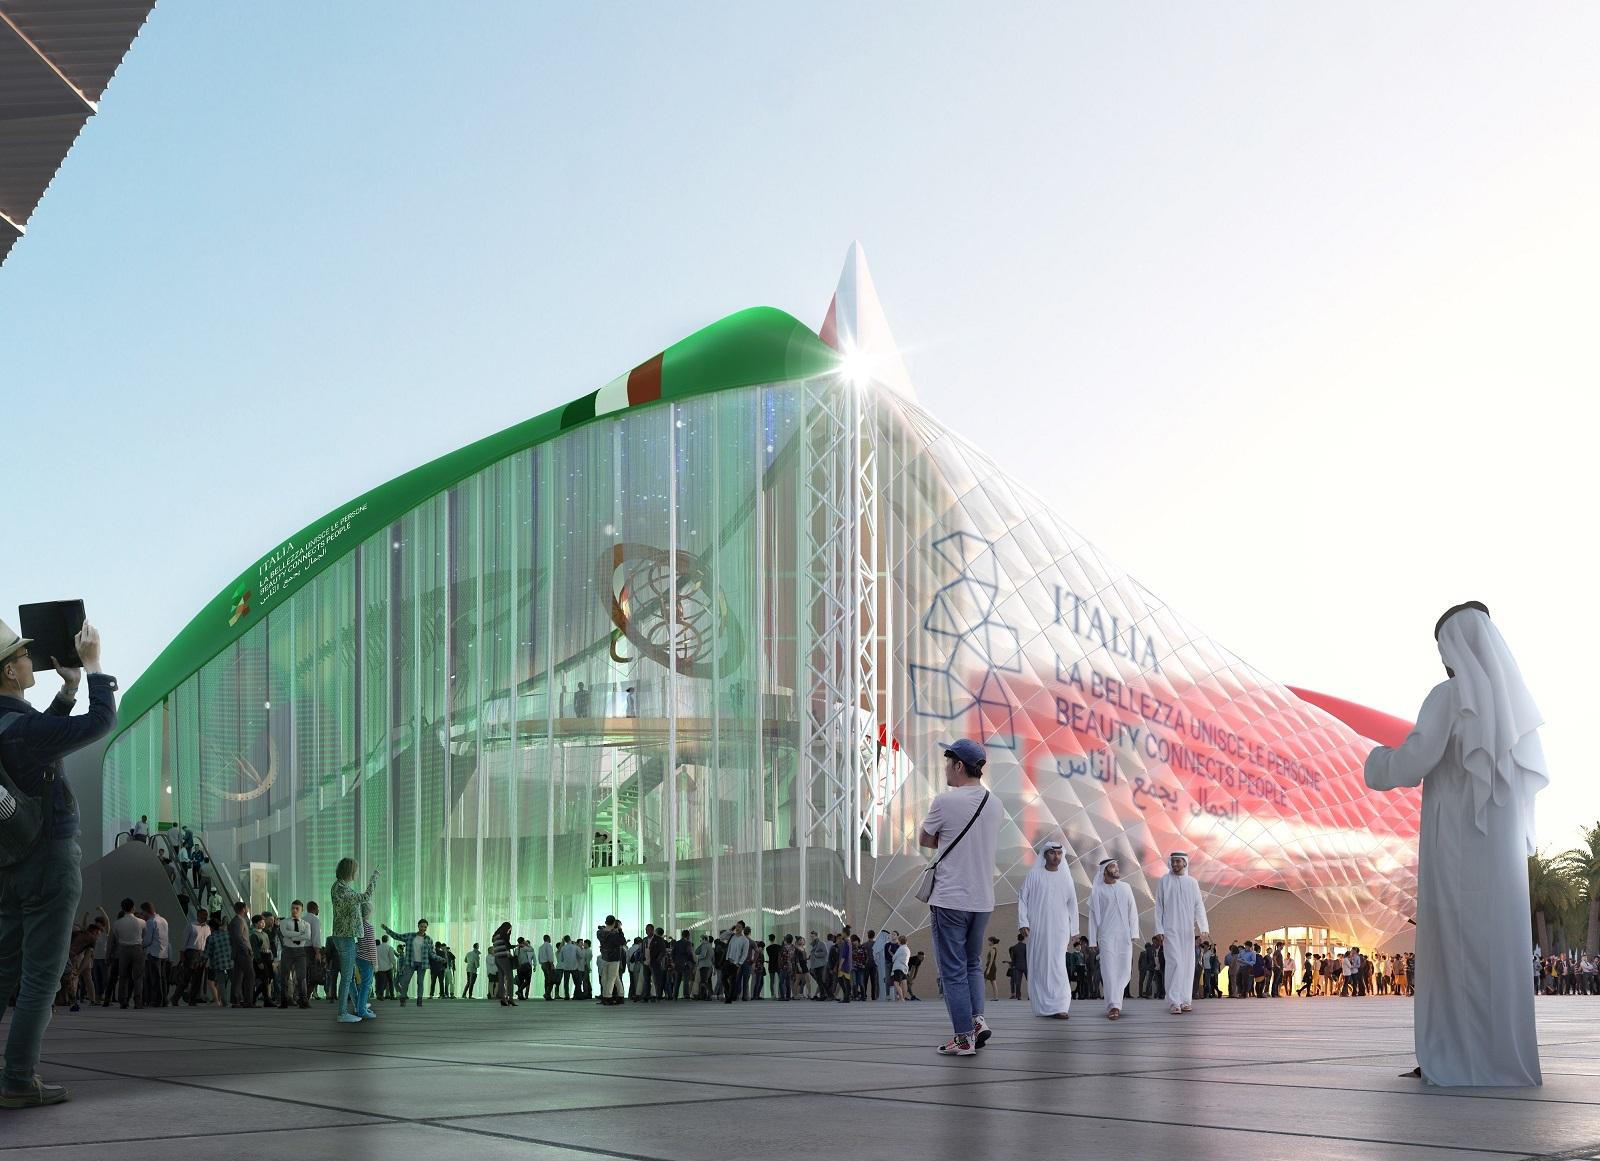 Chian forex expo 2020 winner